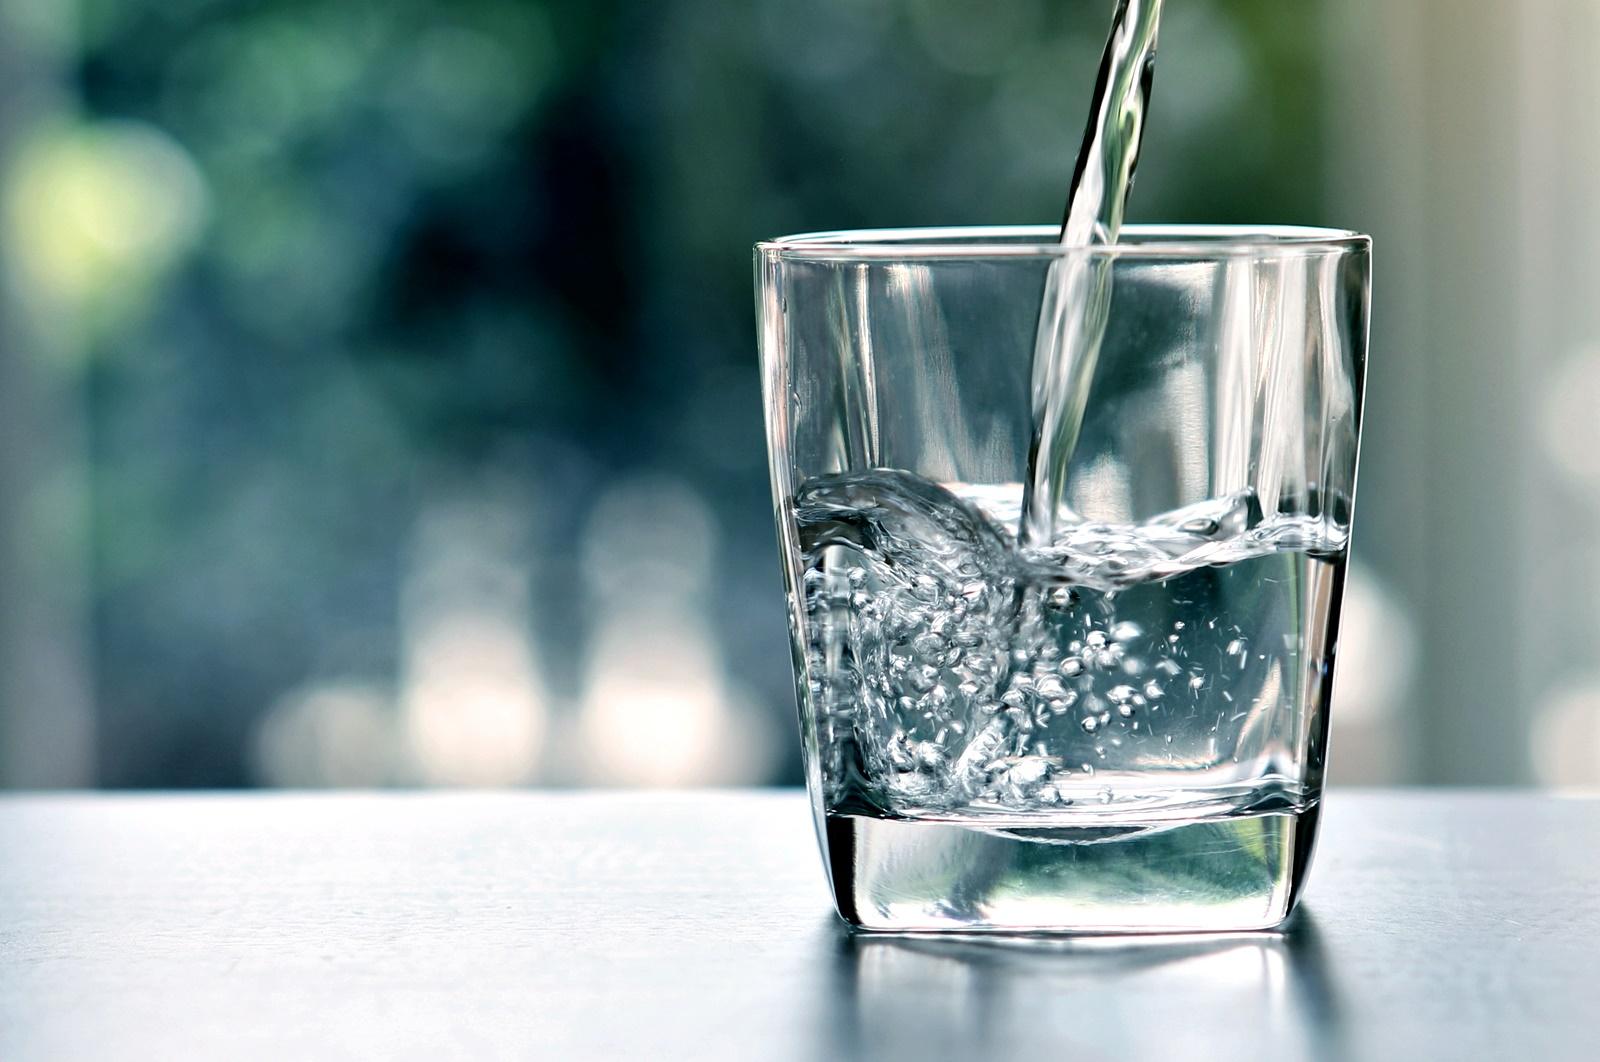 Почти безцветна<br /> Пили сте достатъчно вода, дори най-вероятно малко в повече. Може да си направите почивка от наливането с животворната течност освен, разбира се, ако не сте жадни.